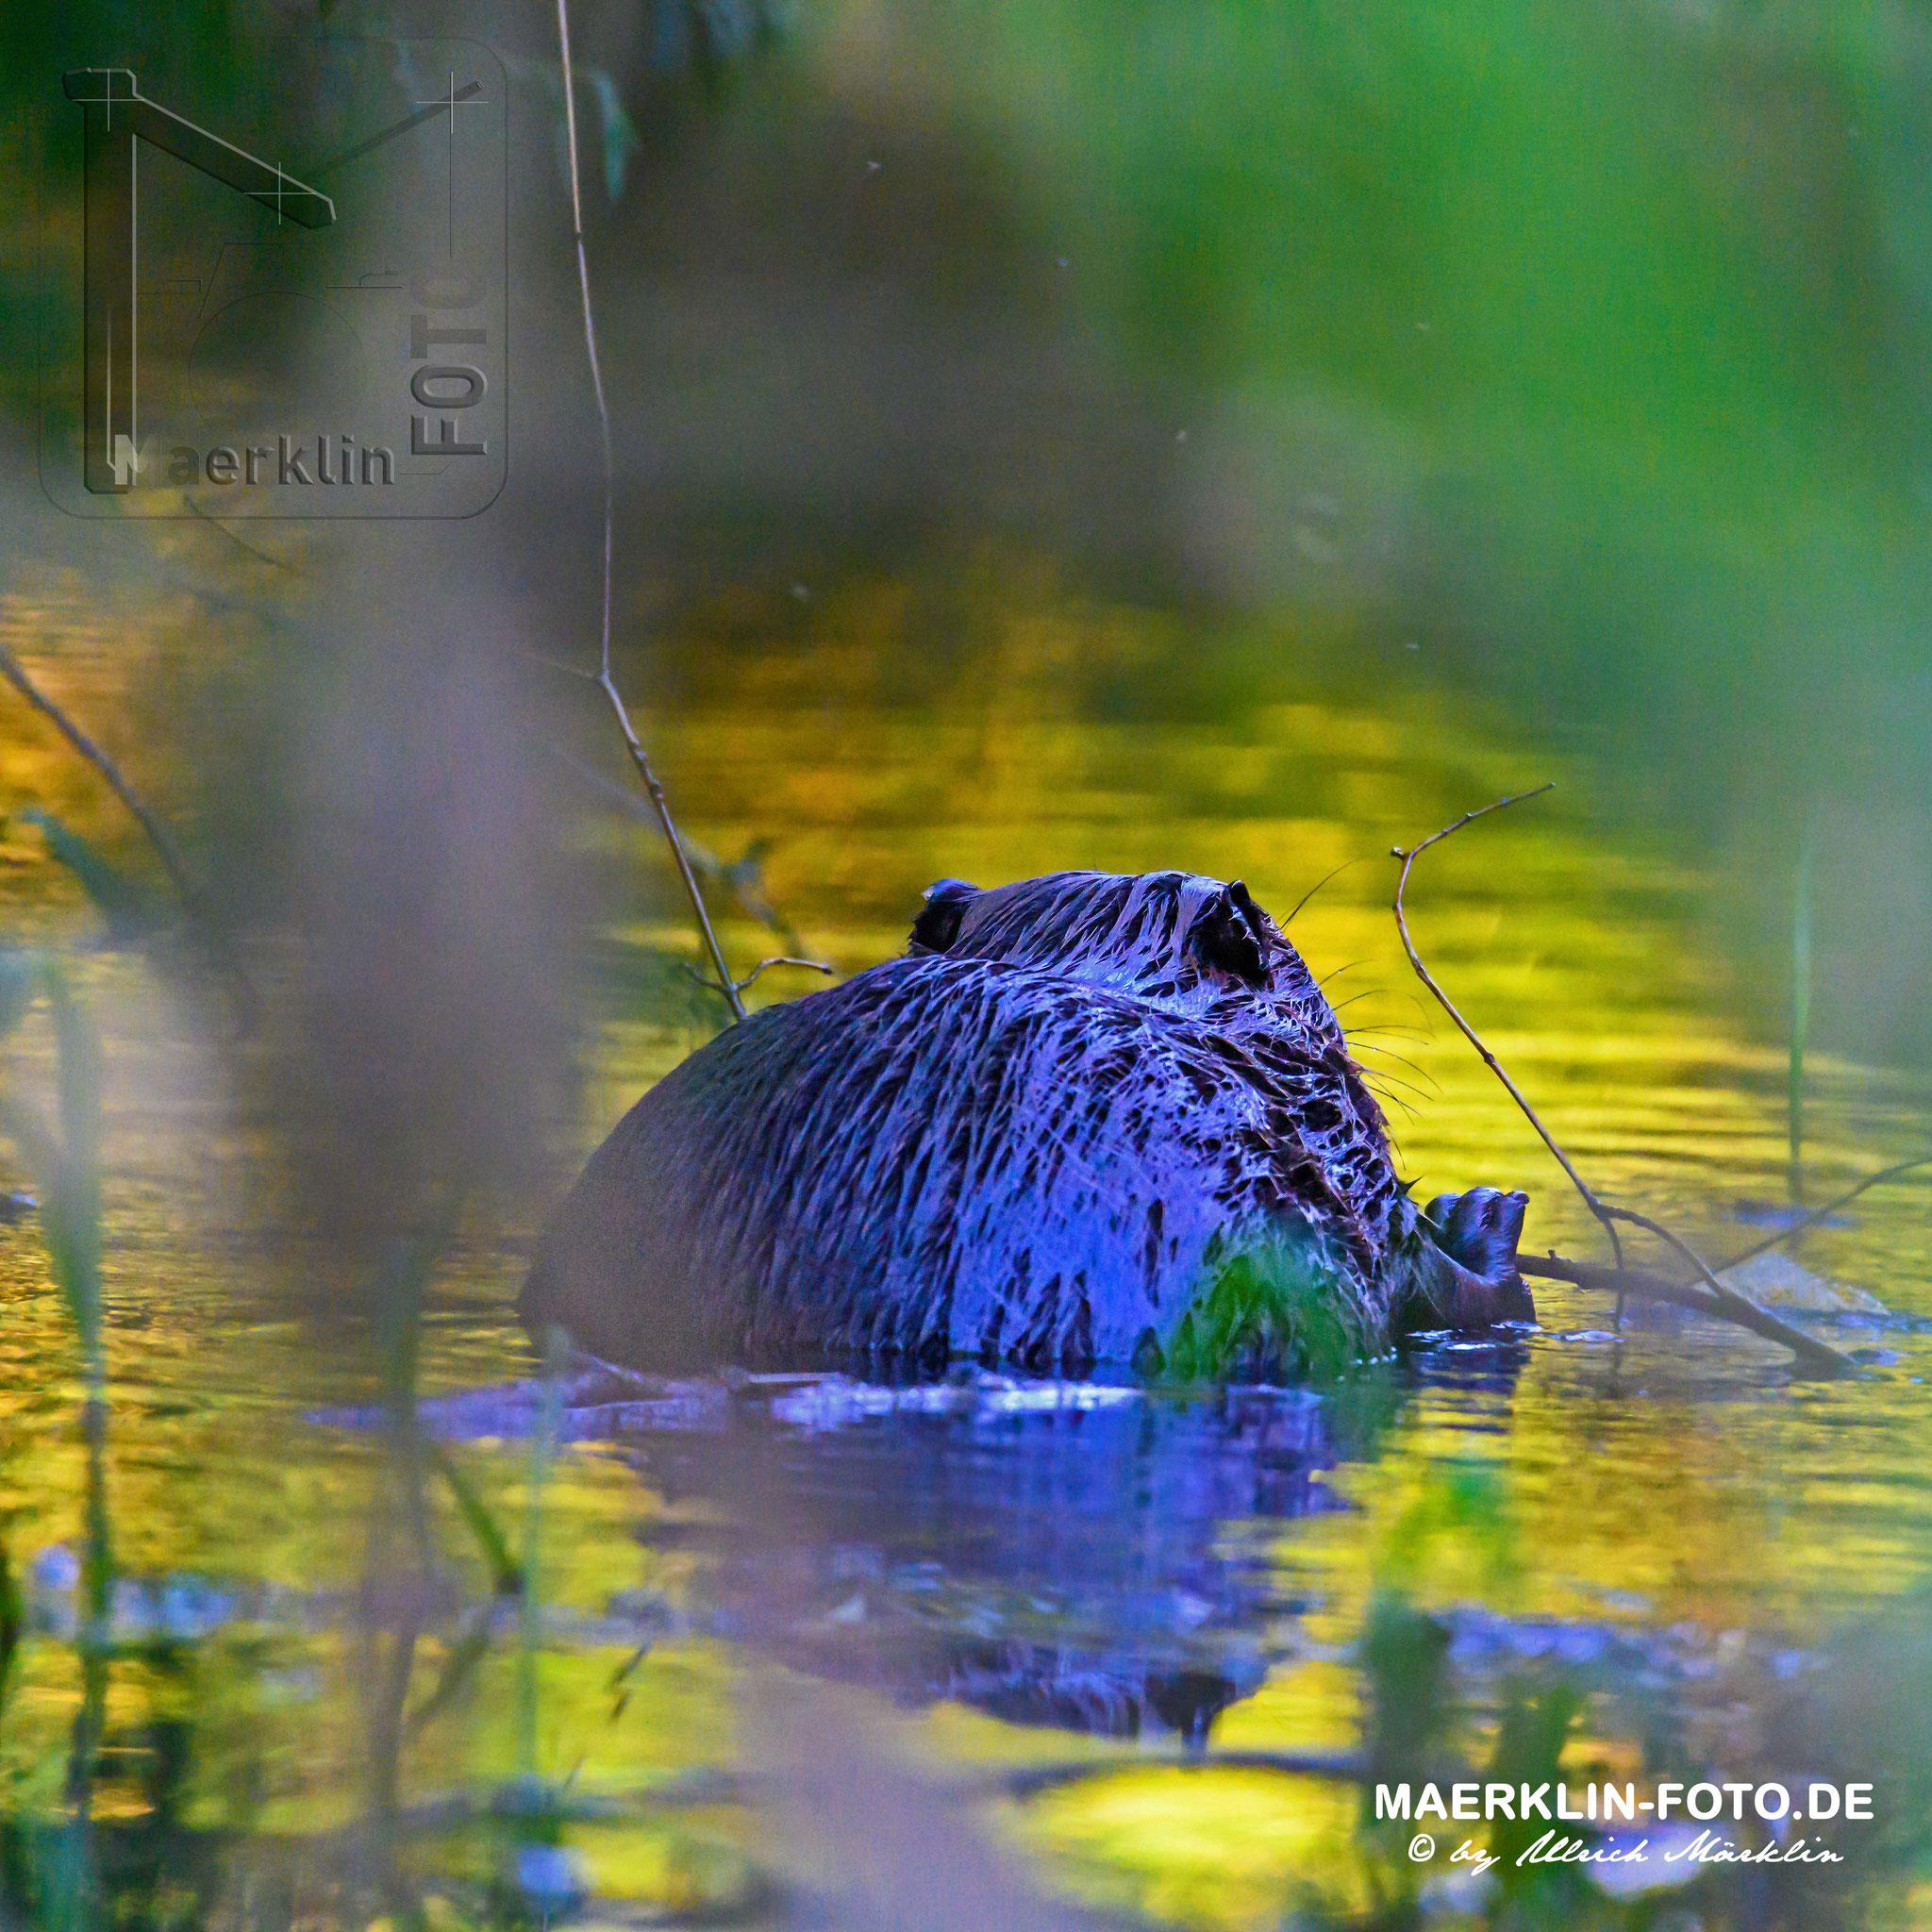 (europäischer) Biber (Castor fiber/Castoridae), nagend im Wasser